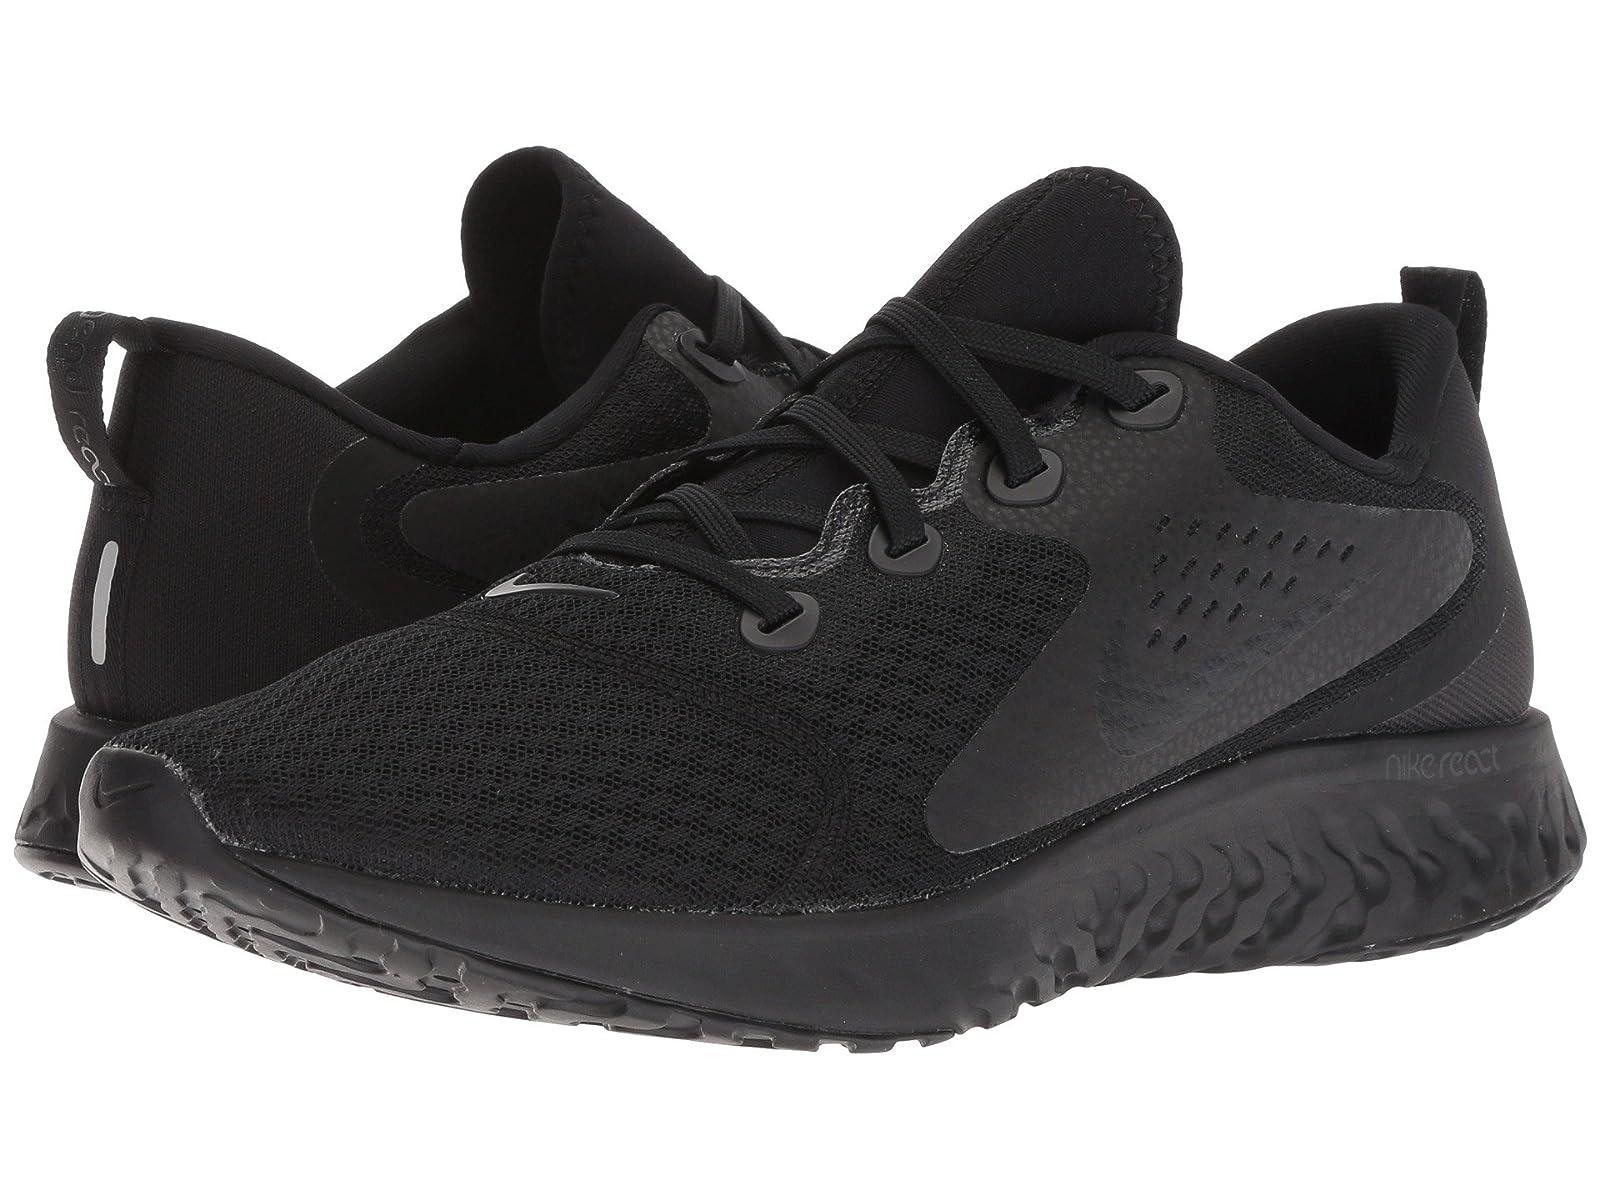 Nike Legend ReactAtmospheric grades have affordable shoes